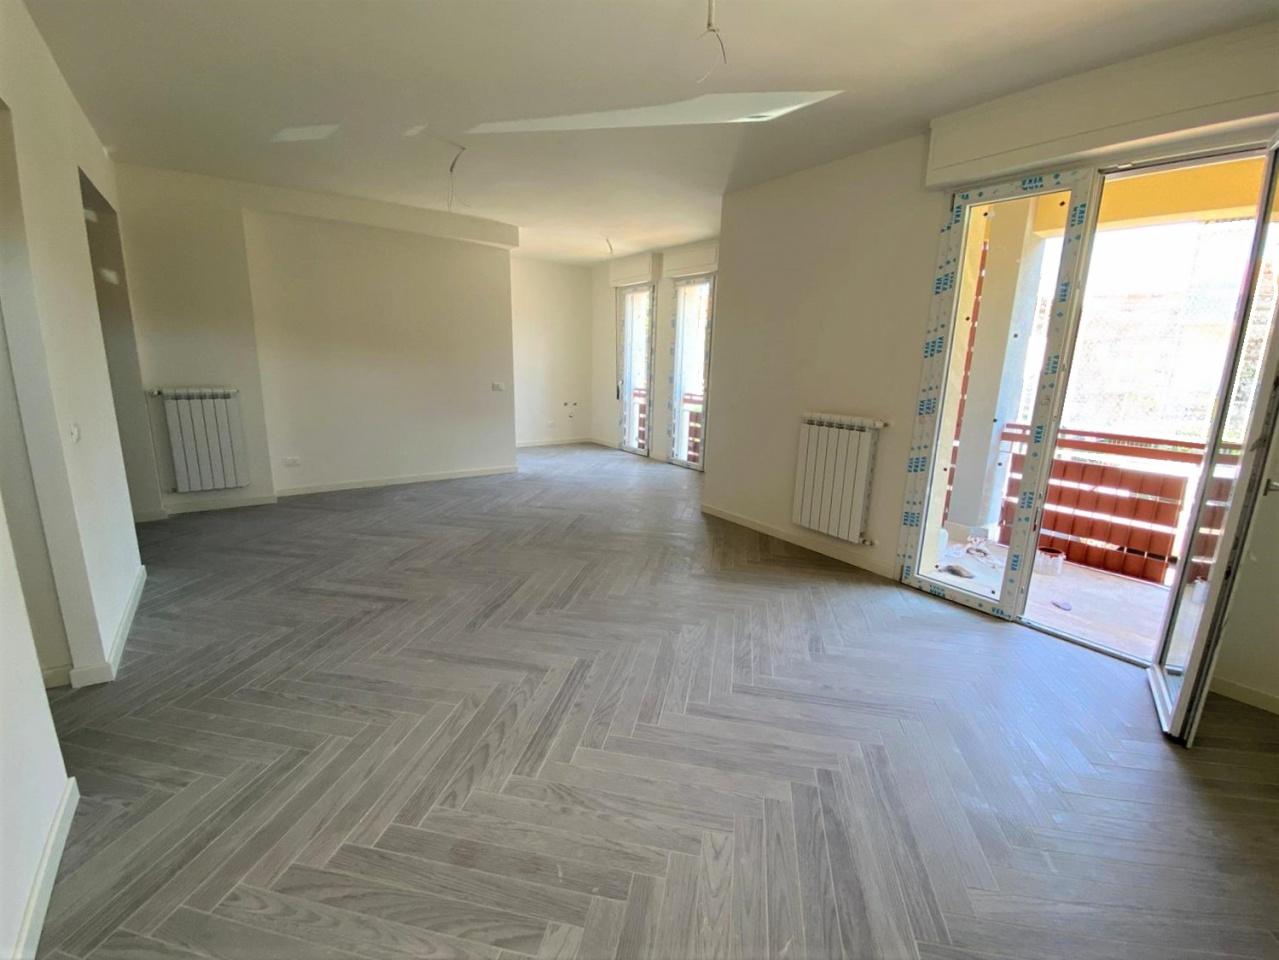 Appartamento in vendita a Calenzano, 3 locali, prezzo € 268.000 | CambioCasa.it